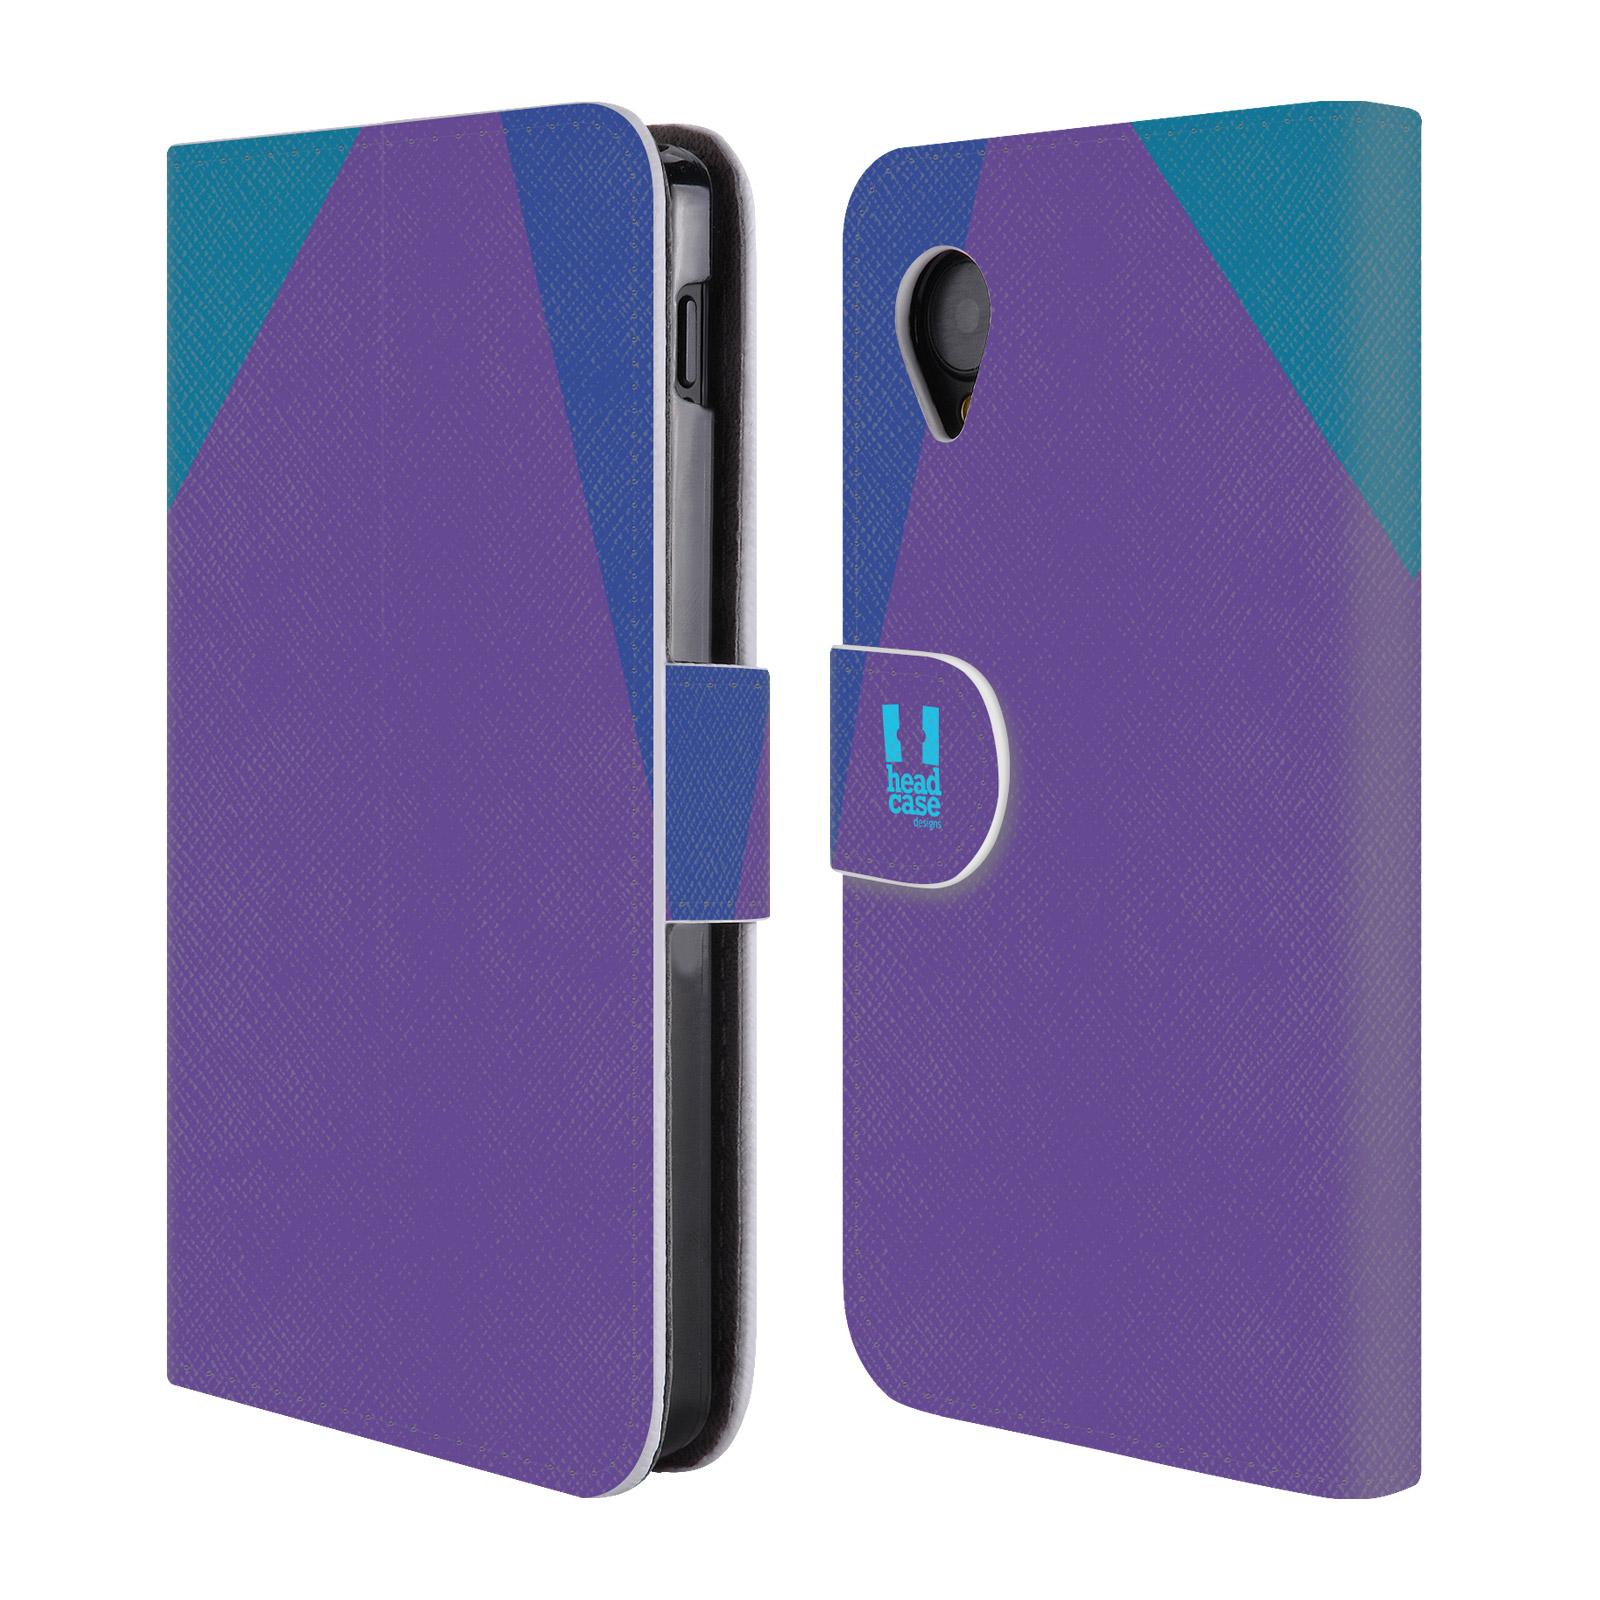 HEAD CASE Flipové pouzdro pro mobil LG GOOGLE NEXUS 5 barevné tvary fialová feminine